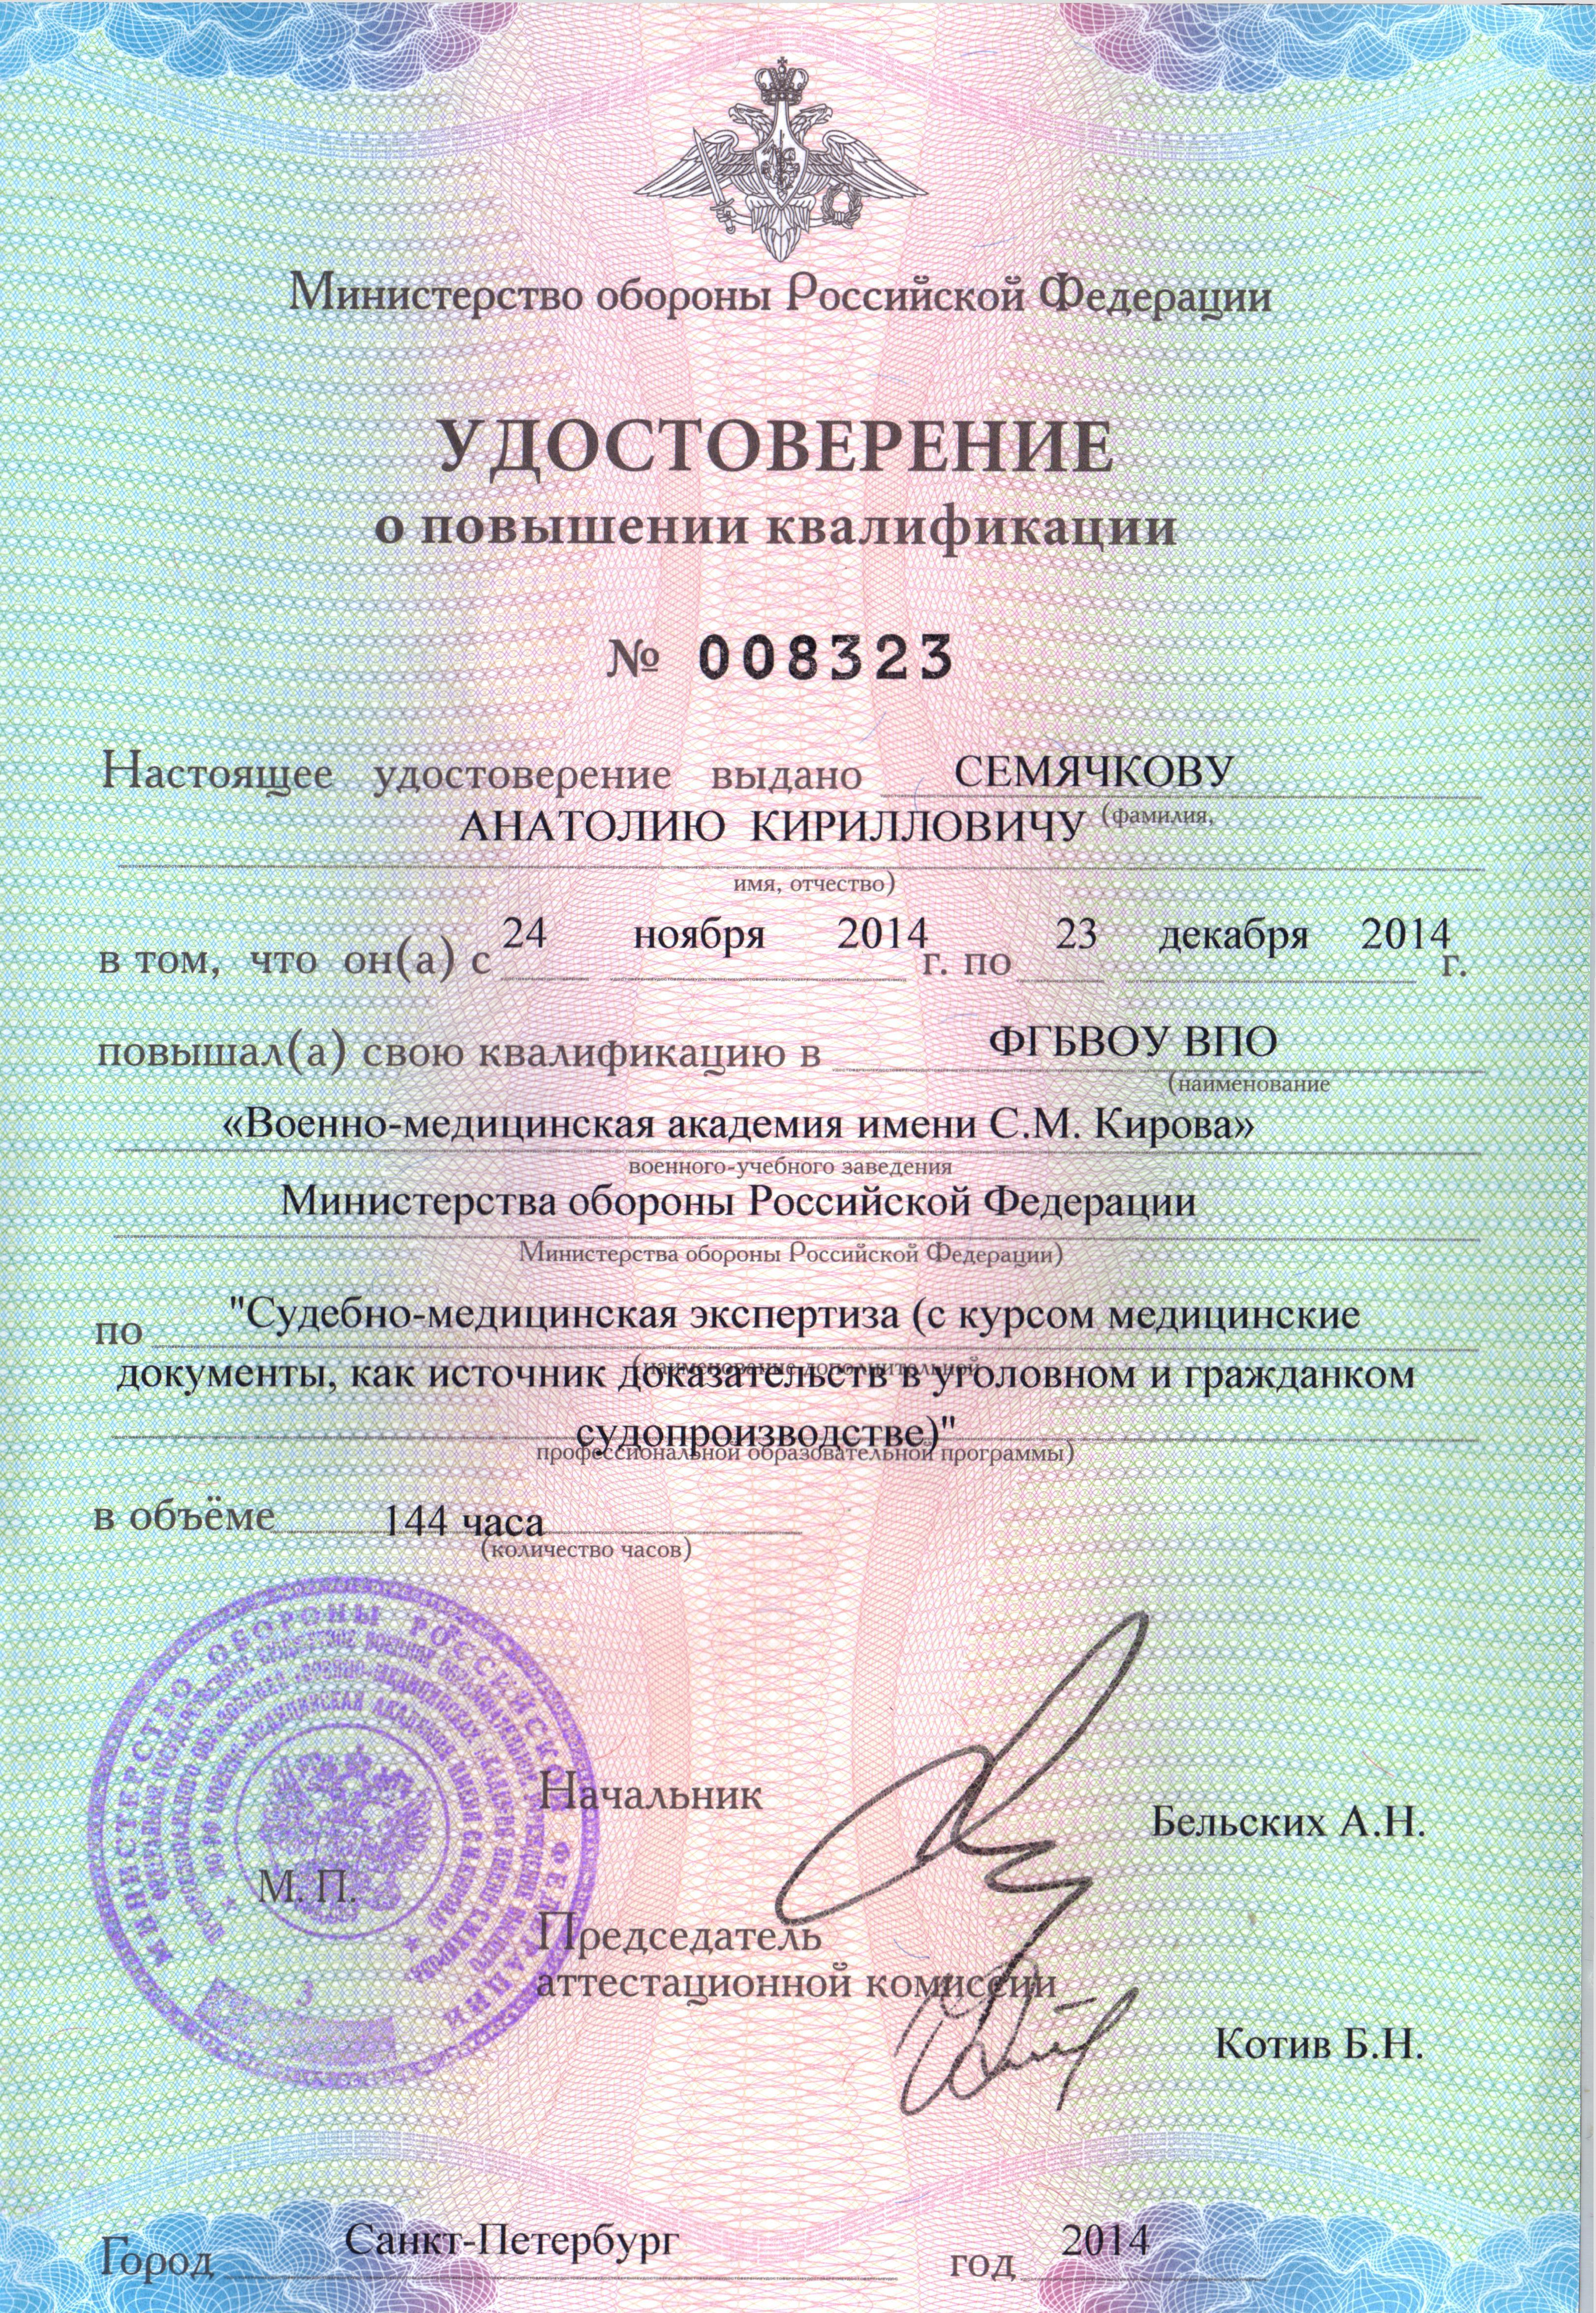 может ли выдавать сертификат об обучении оздоровительный центр